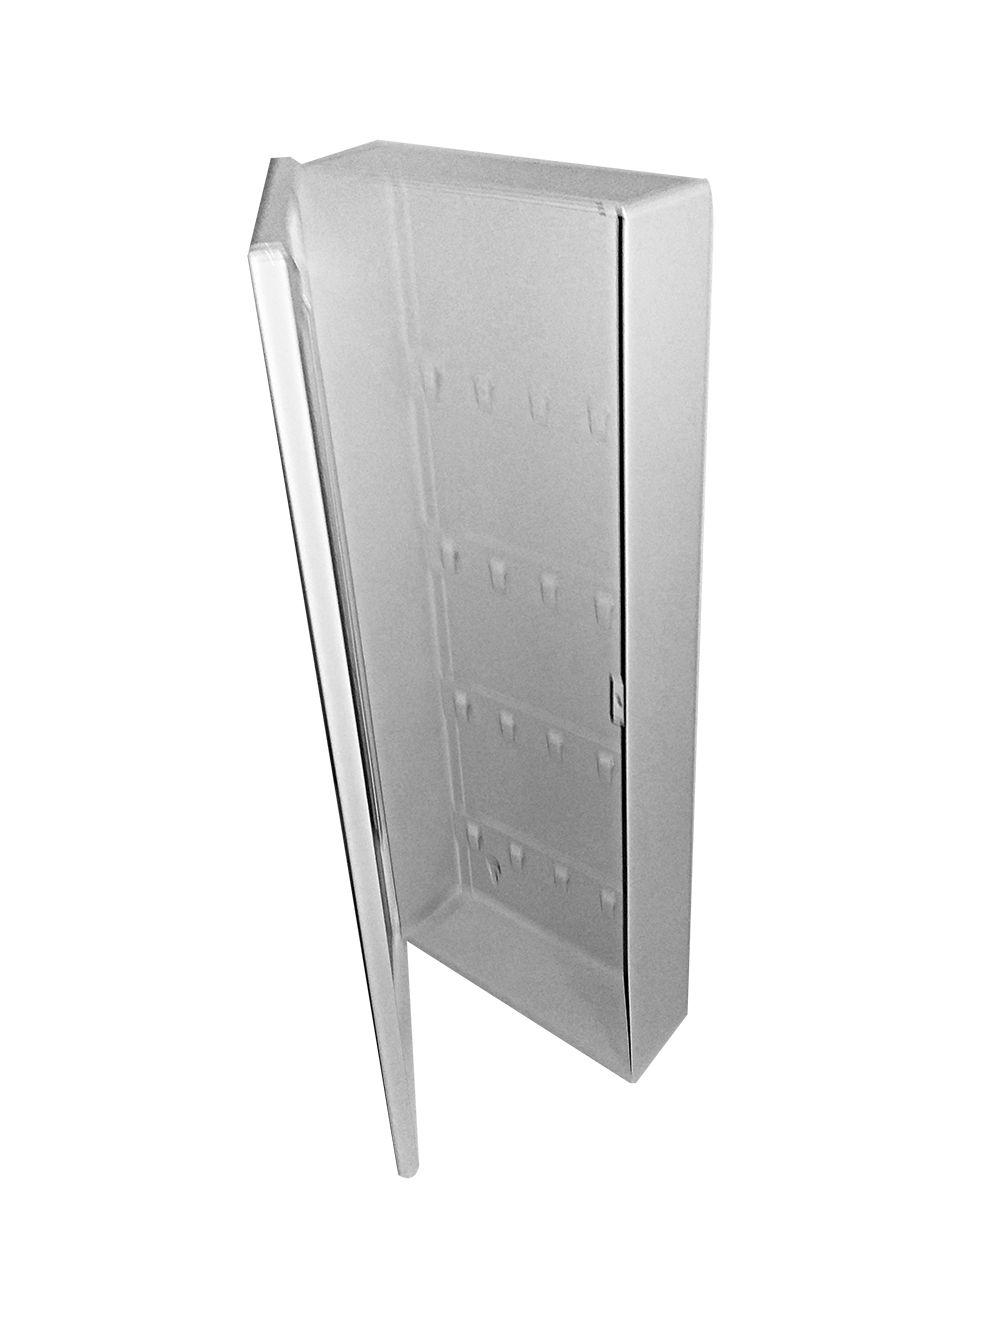 Claviculário de Ferro - 20 Chaves - 54020